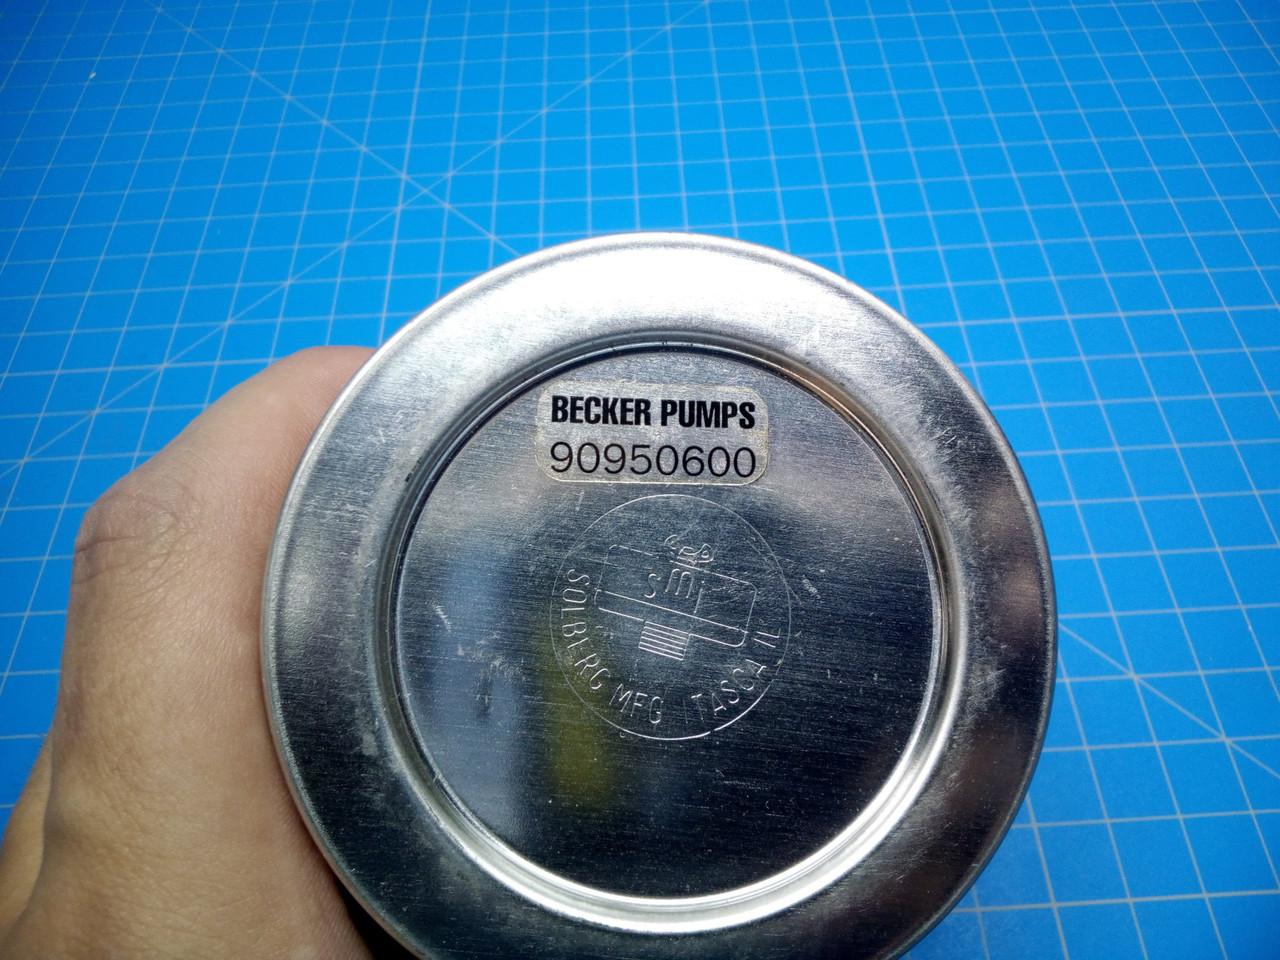 Becker Pump Filter 90950600 - P02-000046